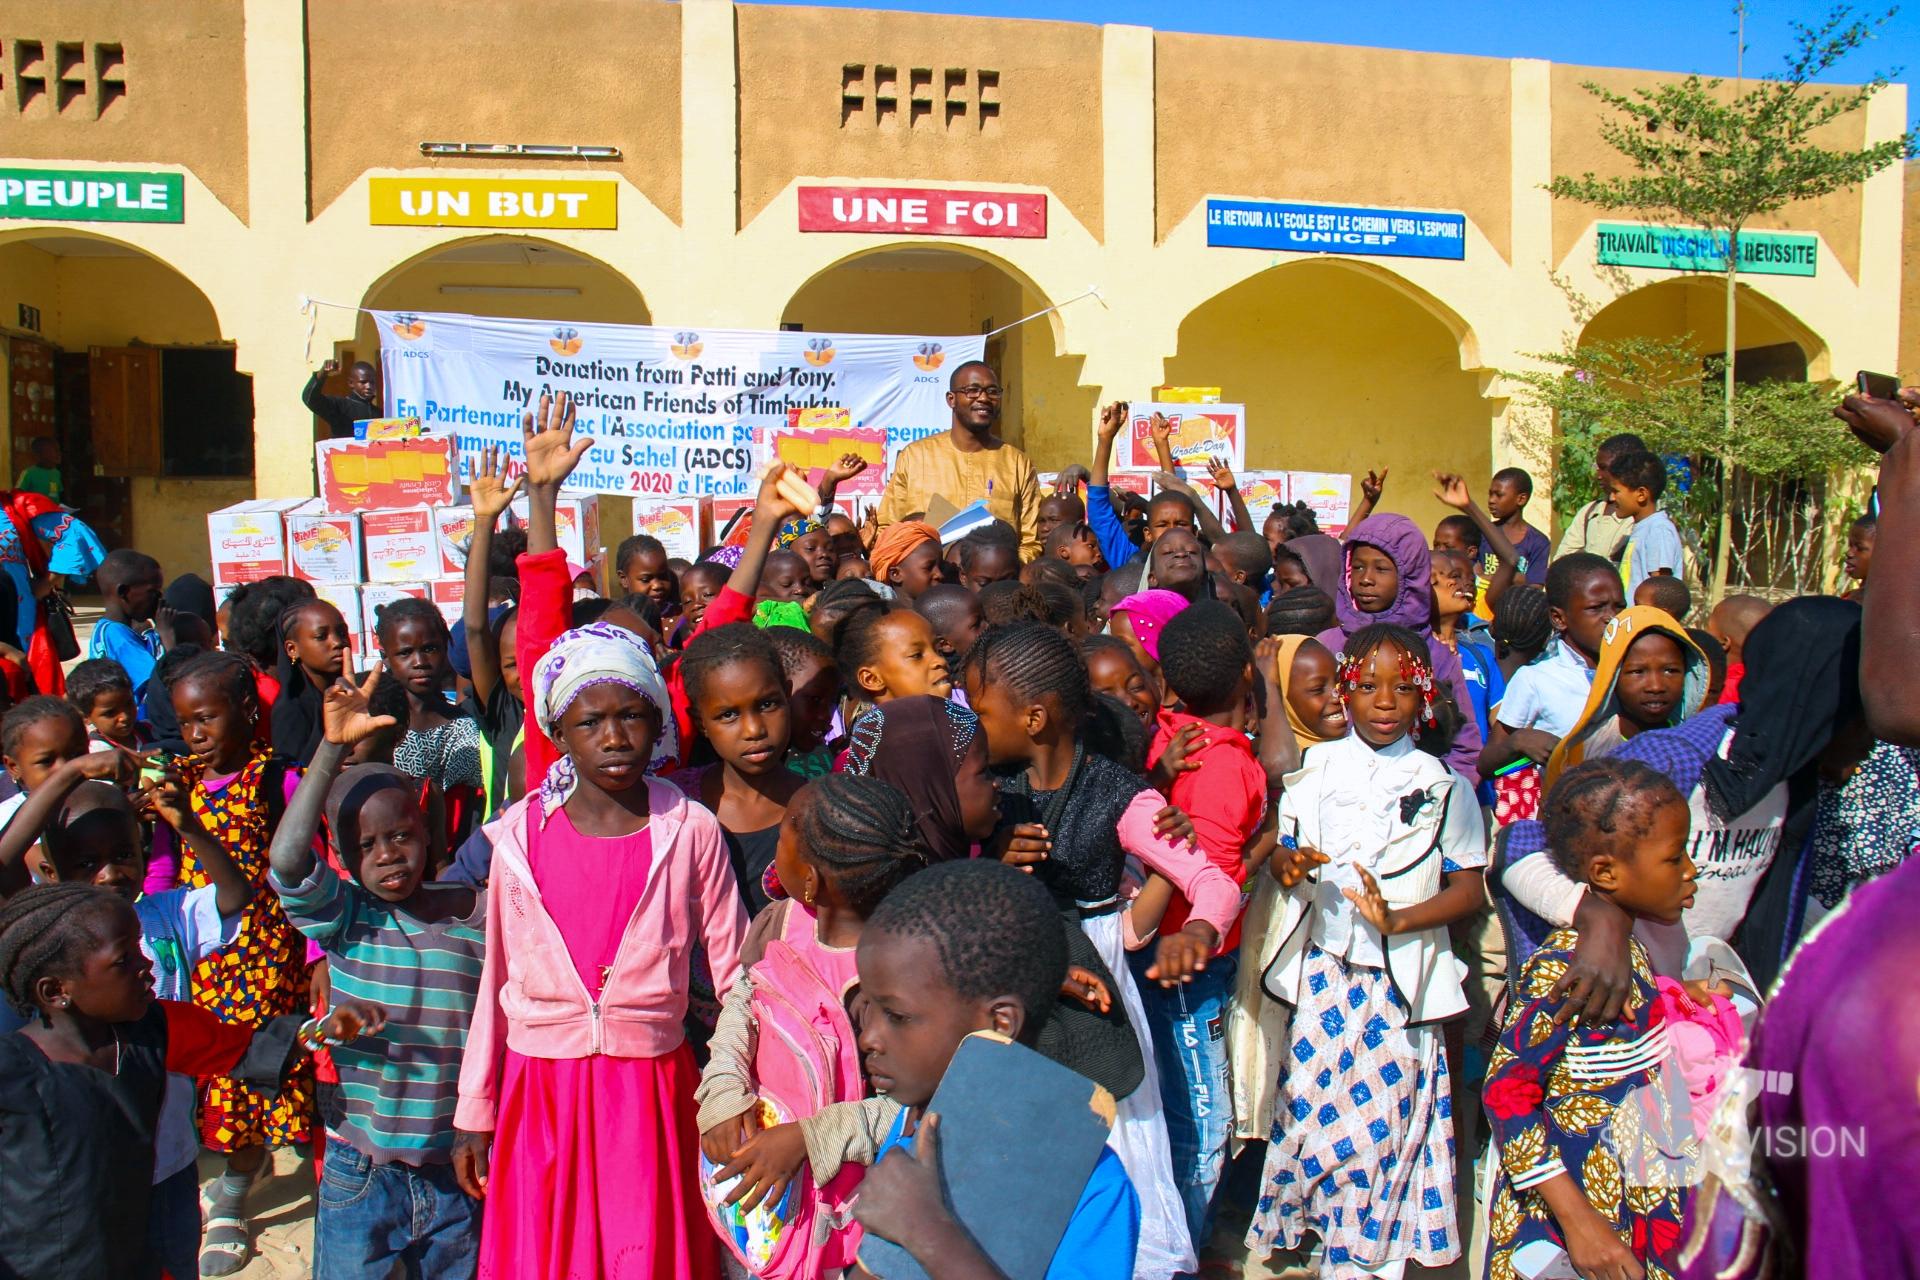 L'Association pour le Développement Communautaire au Sahel ADCS, apporte plus pour maintenir les enfants à l'école.